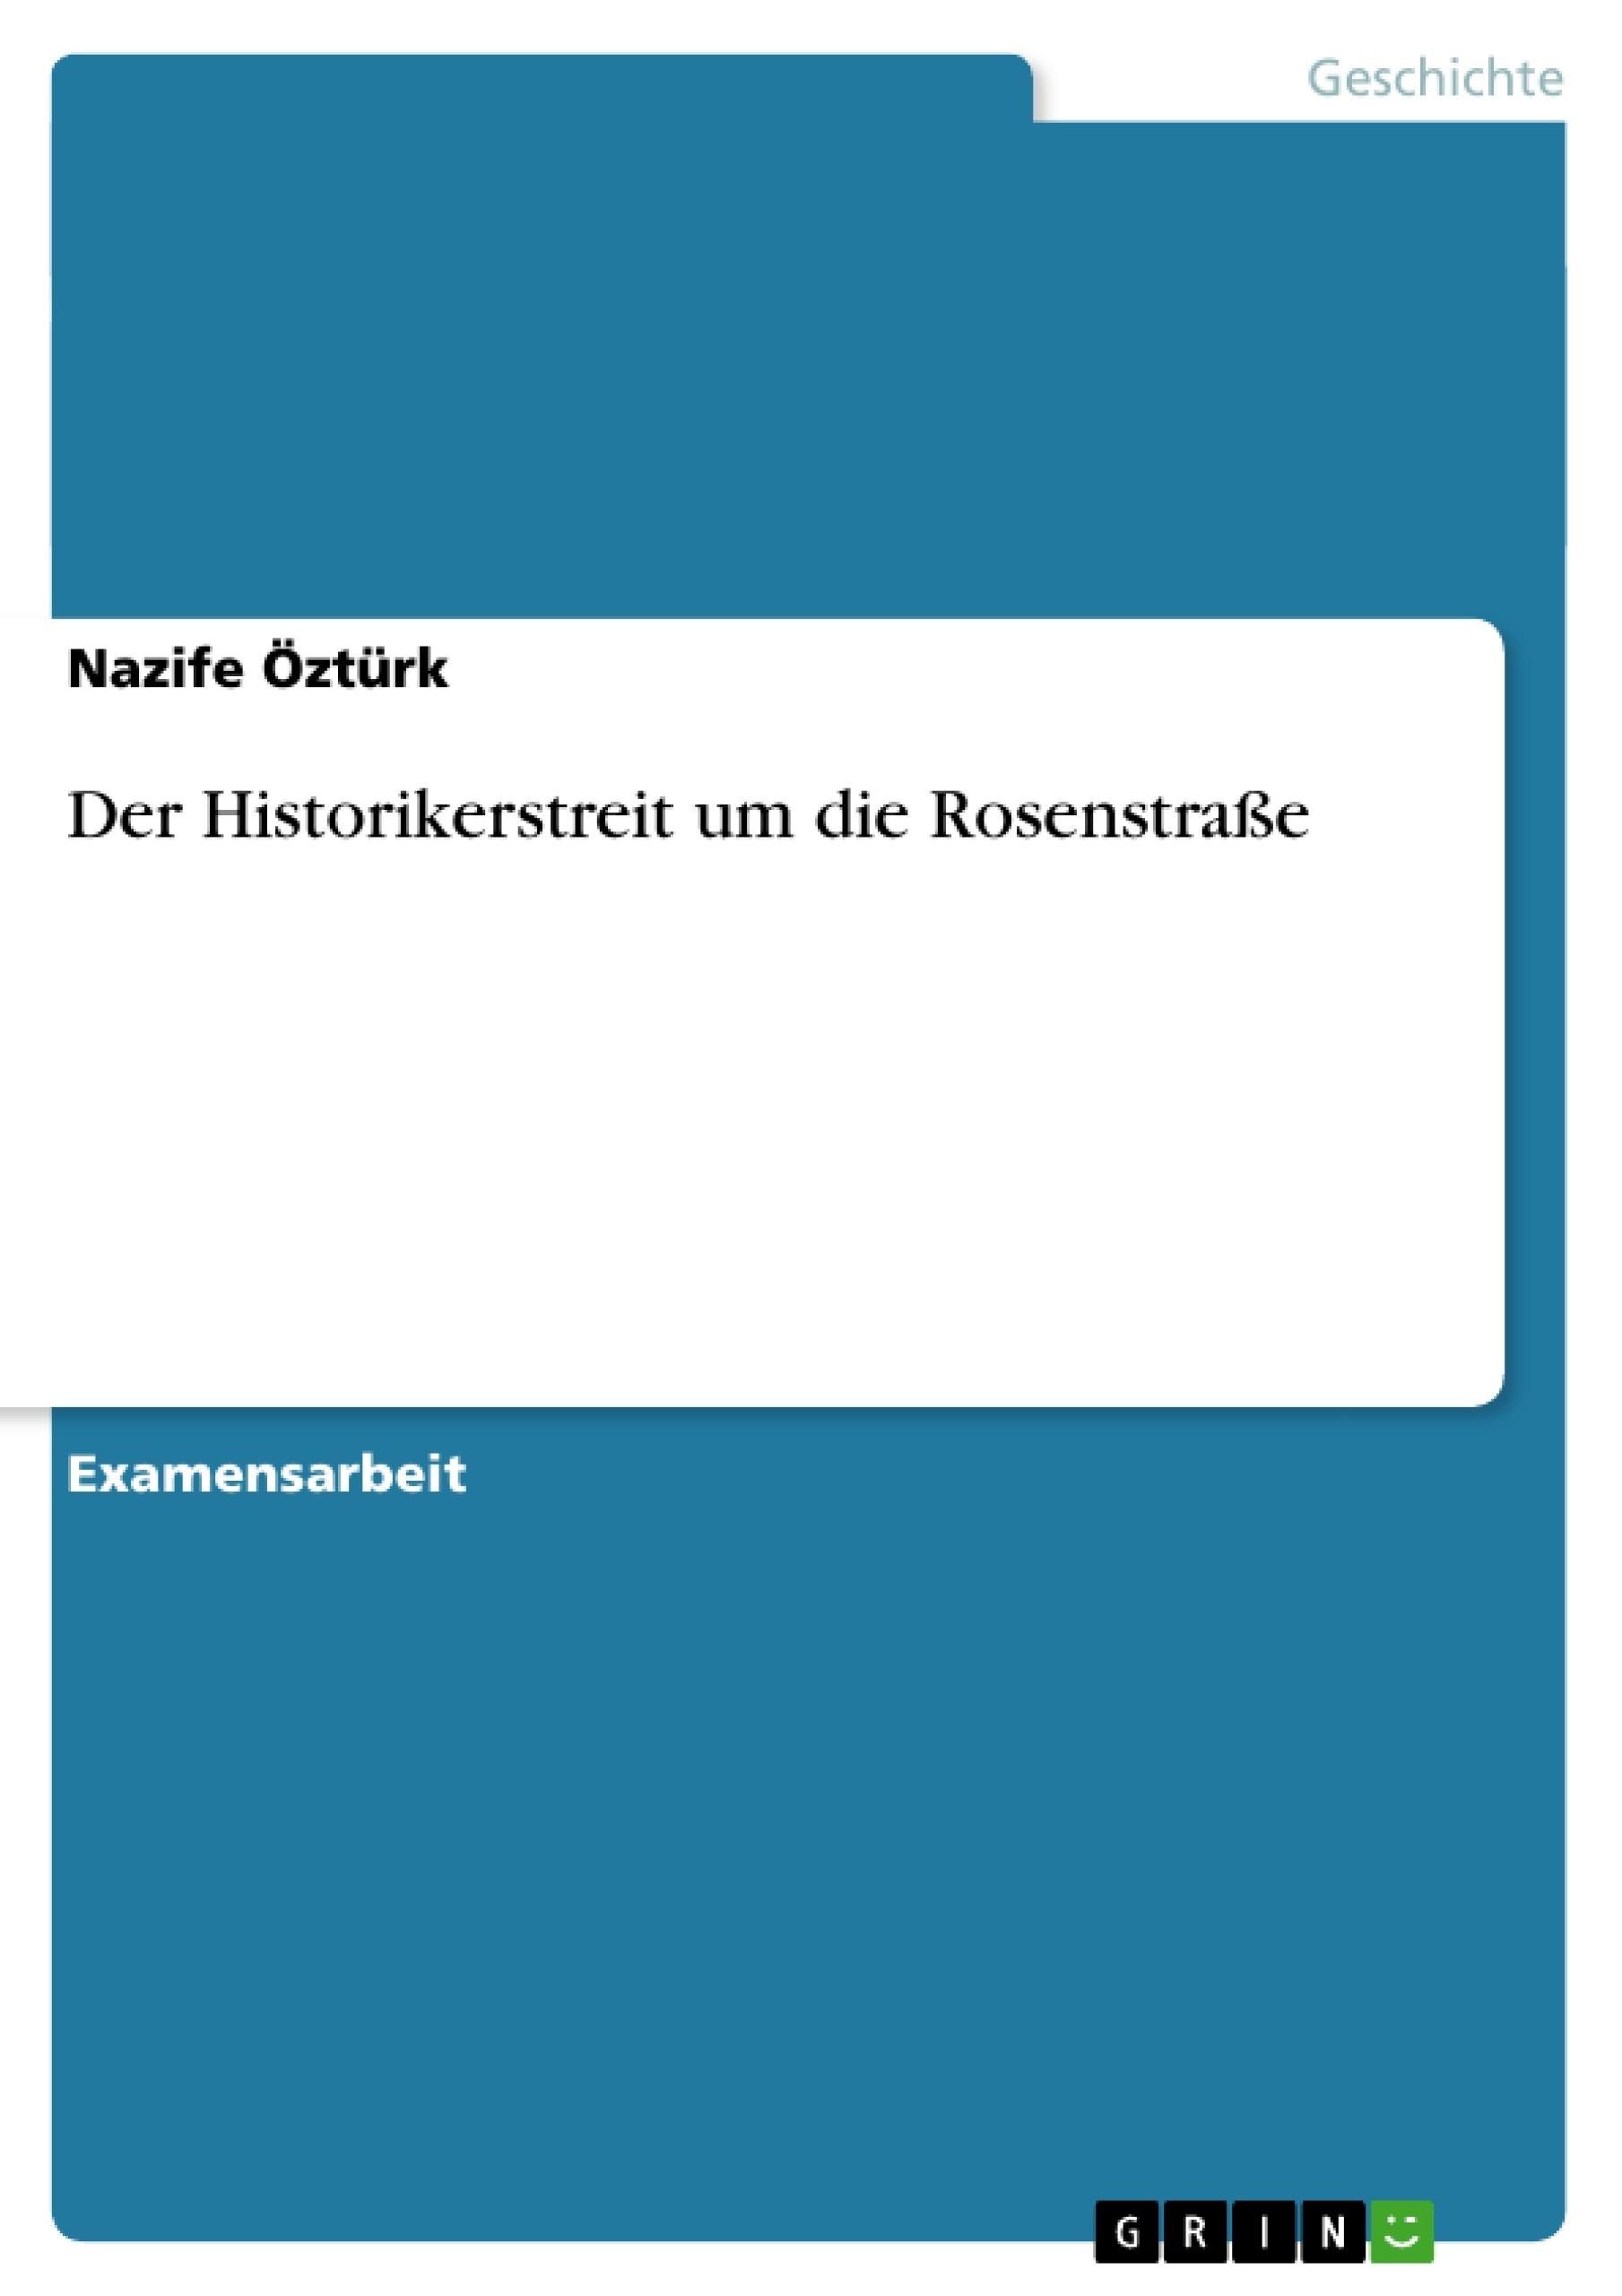 Titel: Der Historikerstreit um die Rosenstraße